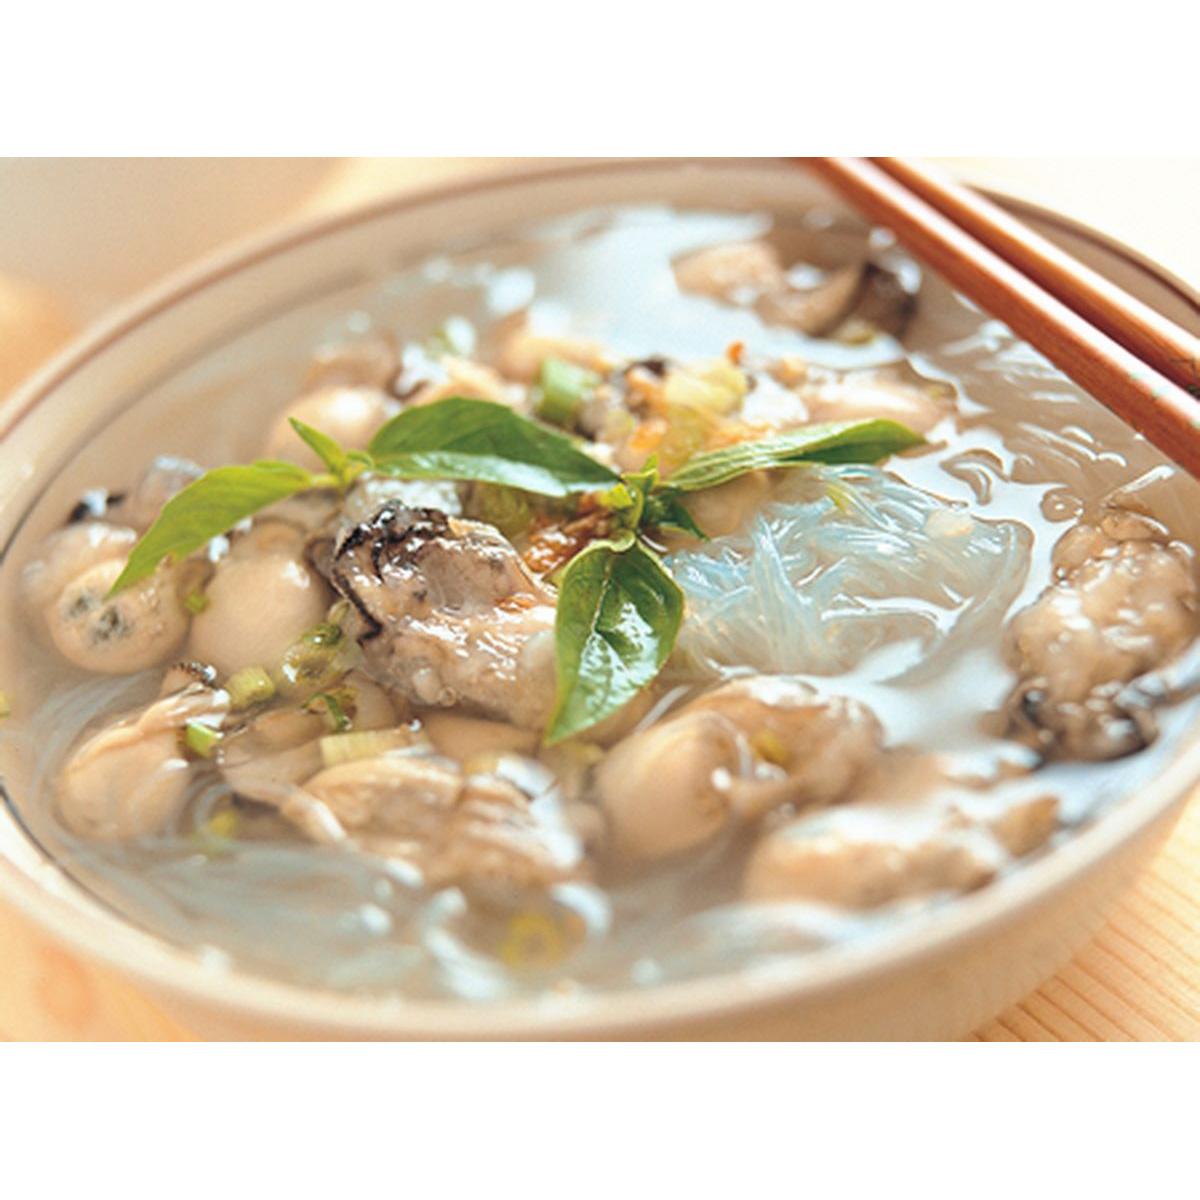 食譜:蚵仔湯冬粉